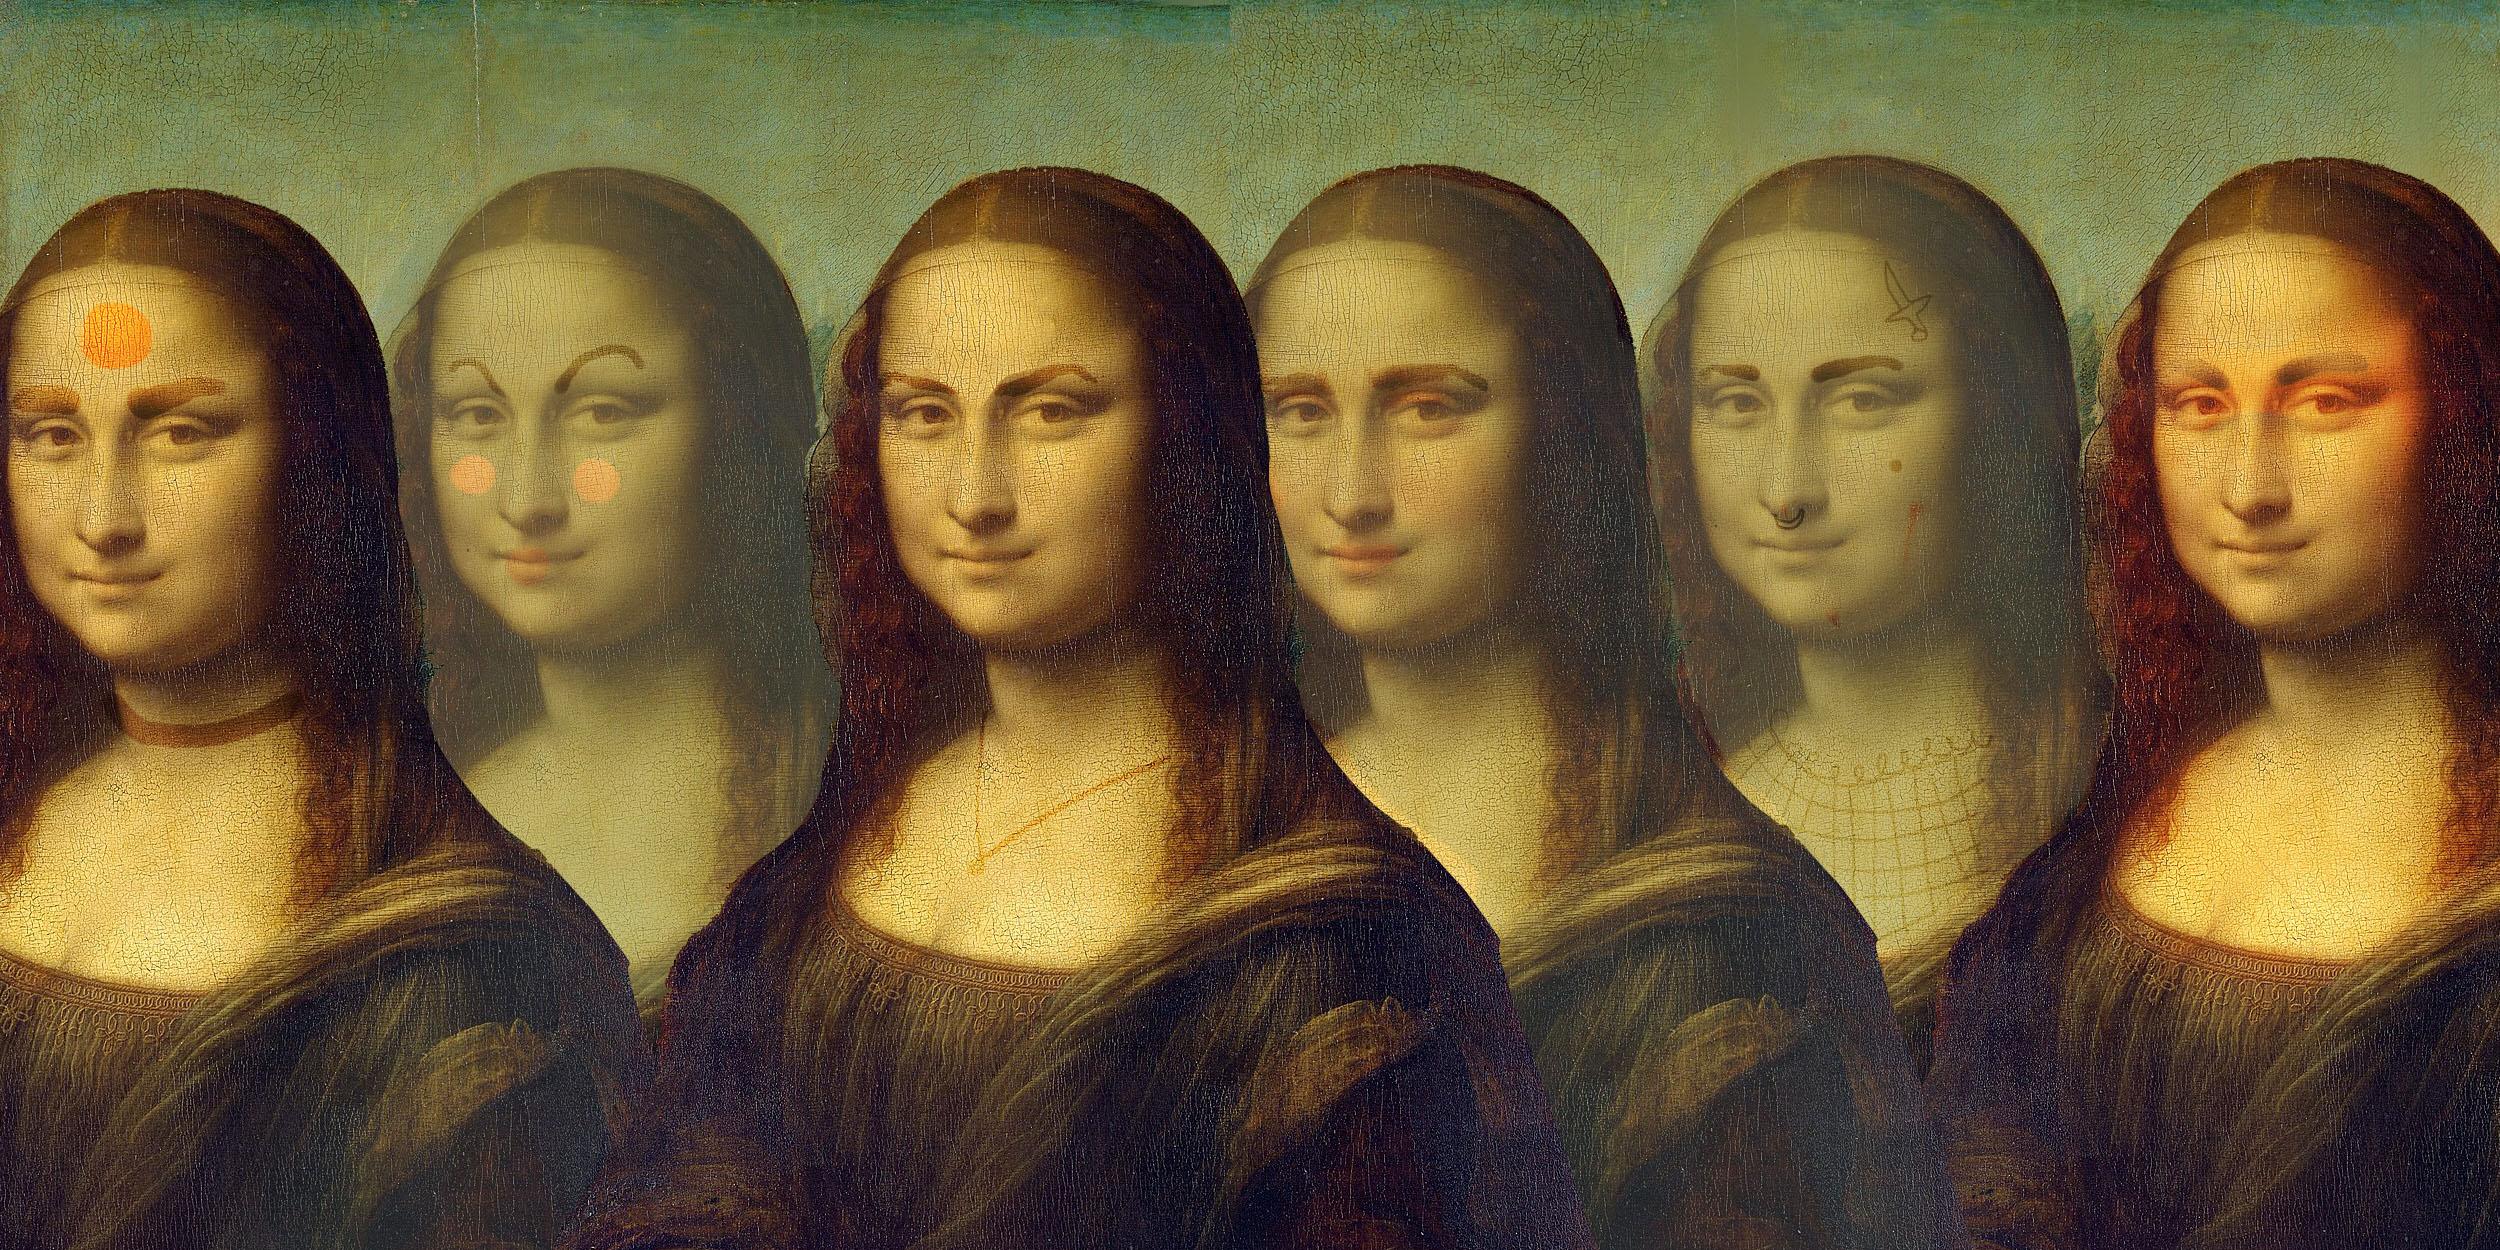 ТЕСТ: Чего не хватает на известных картинах? Ответят только самые внимательные!